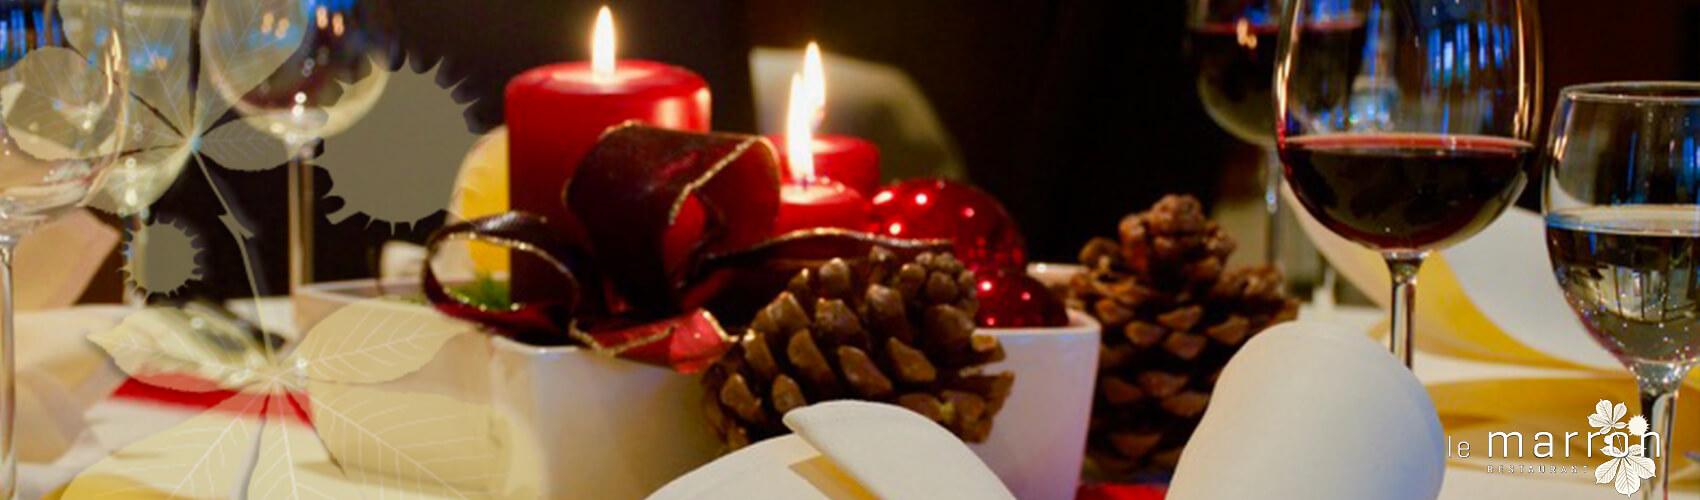 Ihre Weihnachtsfeier im le marron